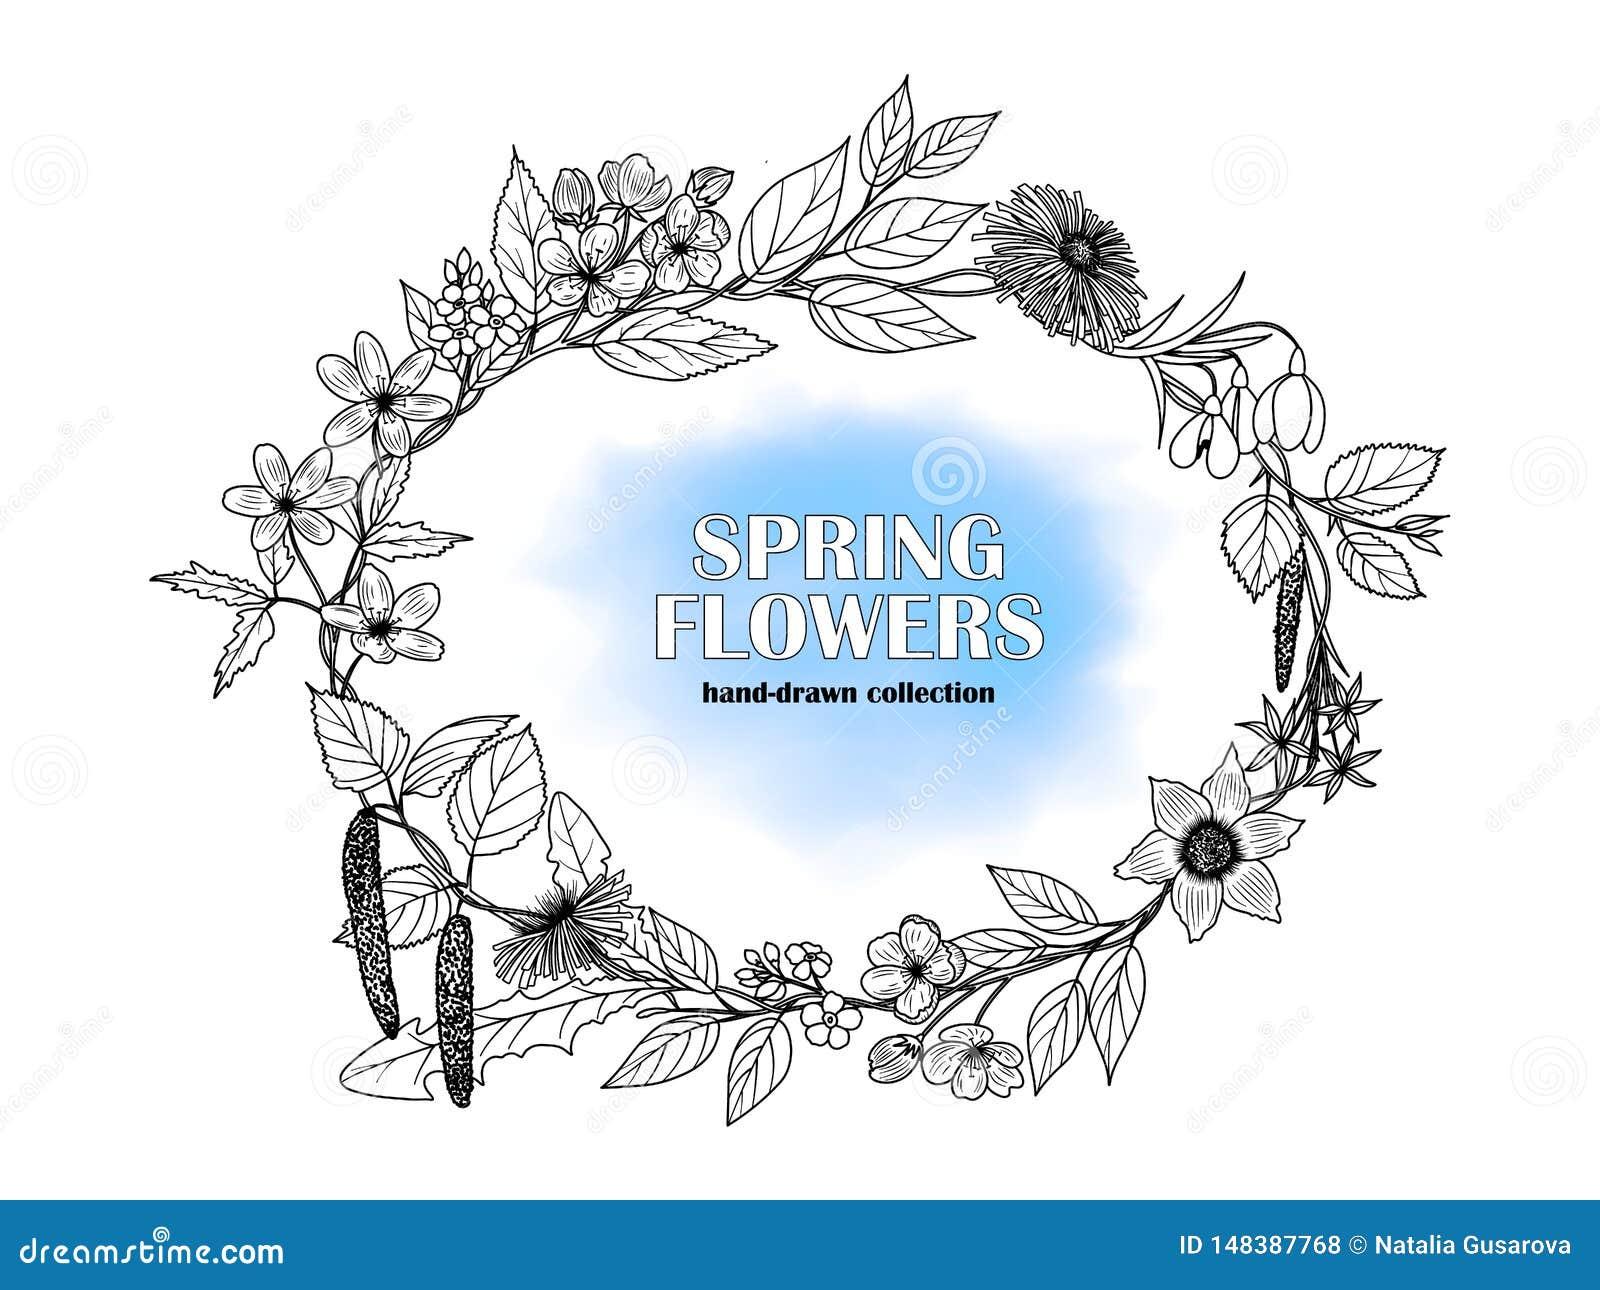 Wektorowy wizerunek rama pociągany ręcznie wiosna kwitnie